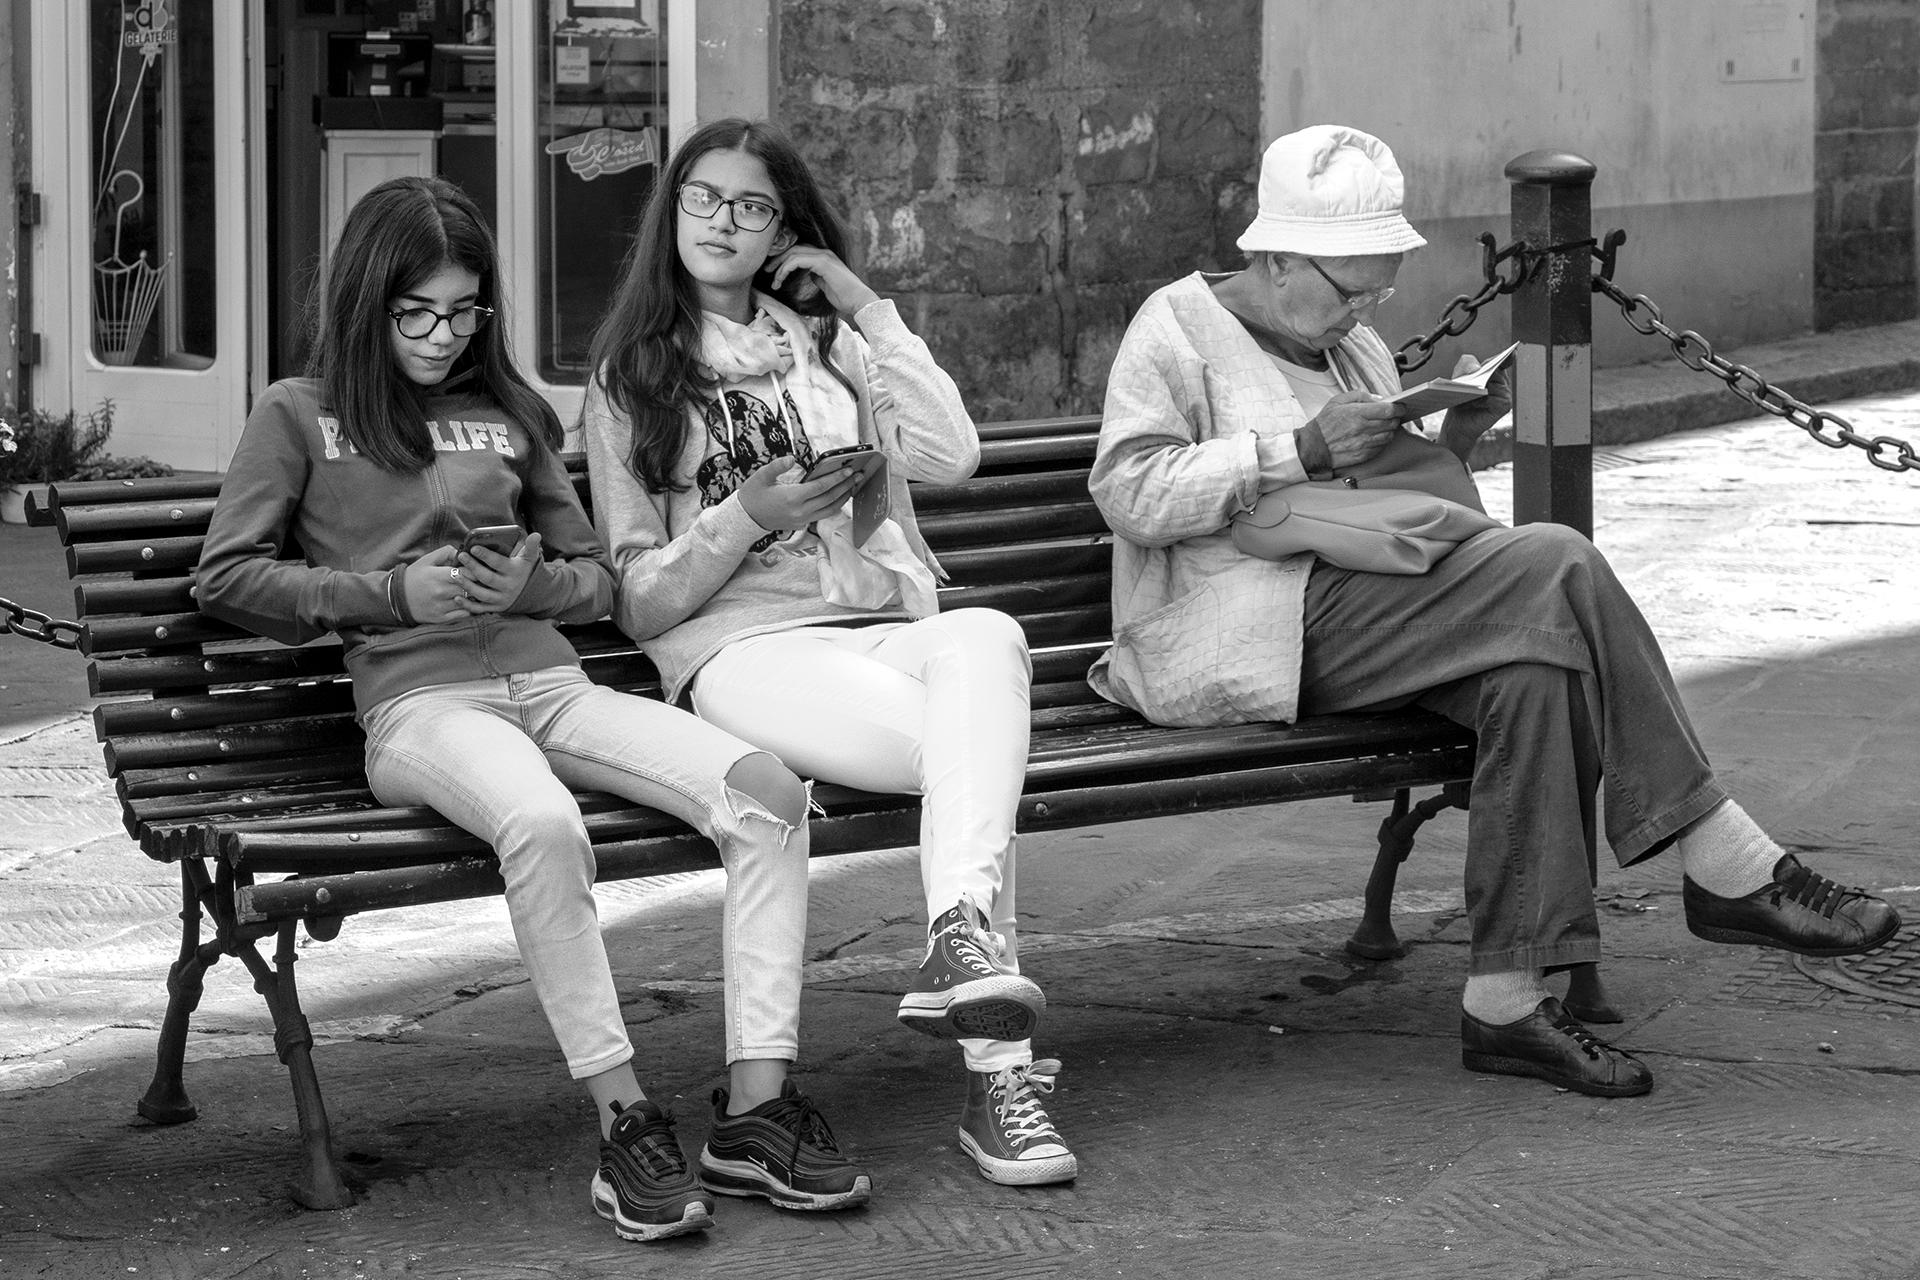 5° Classificata 4B Loriano Buricchi - IdeaVisiva Foto molto ben composta. Il tema centrato con le due ragazzine con in mano gli smartphone e la signora di mezza età con il suo libro (mai quasi un anacronismo), che mettono in risalto i cambiamenti che il t